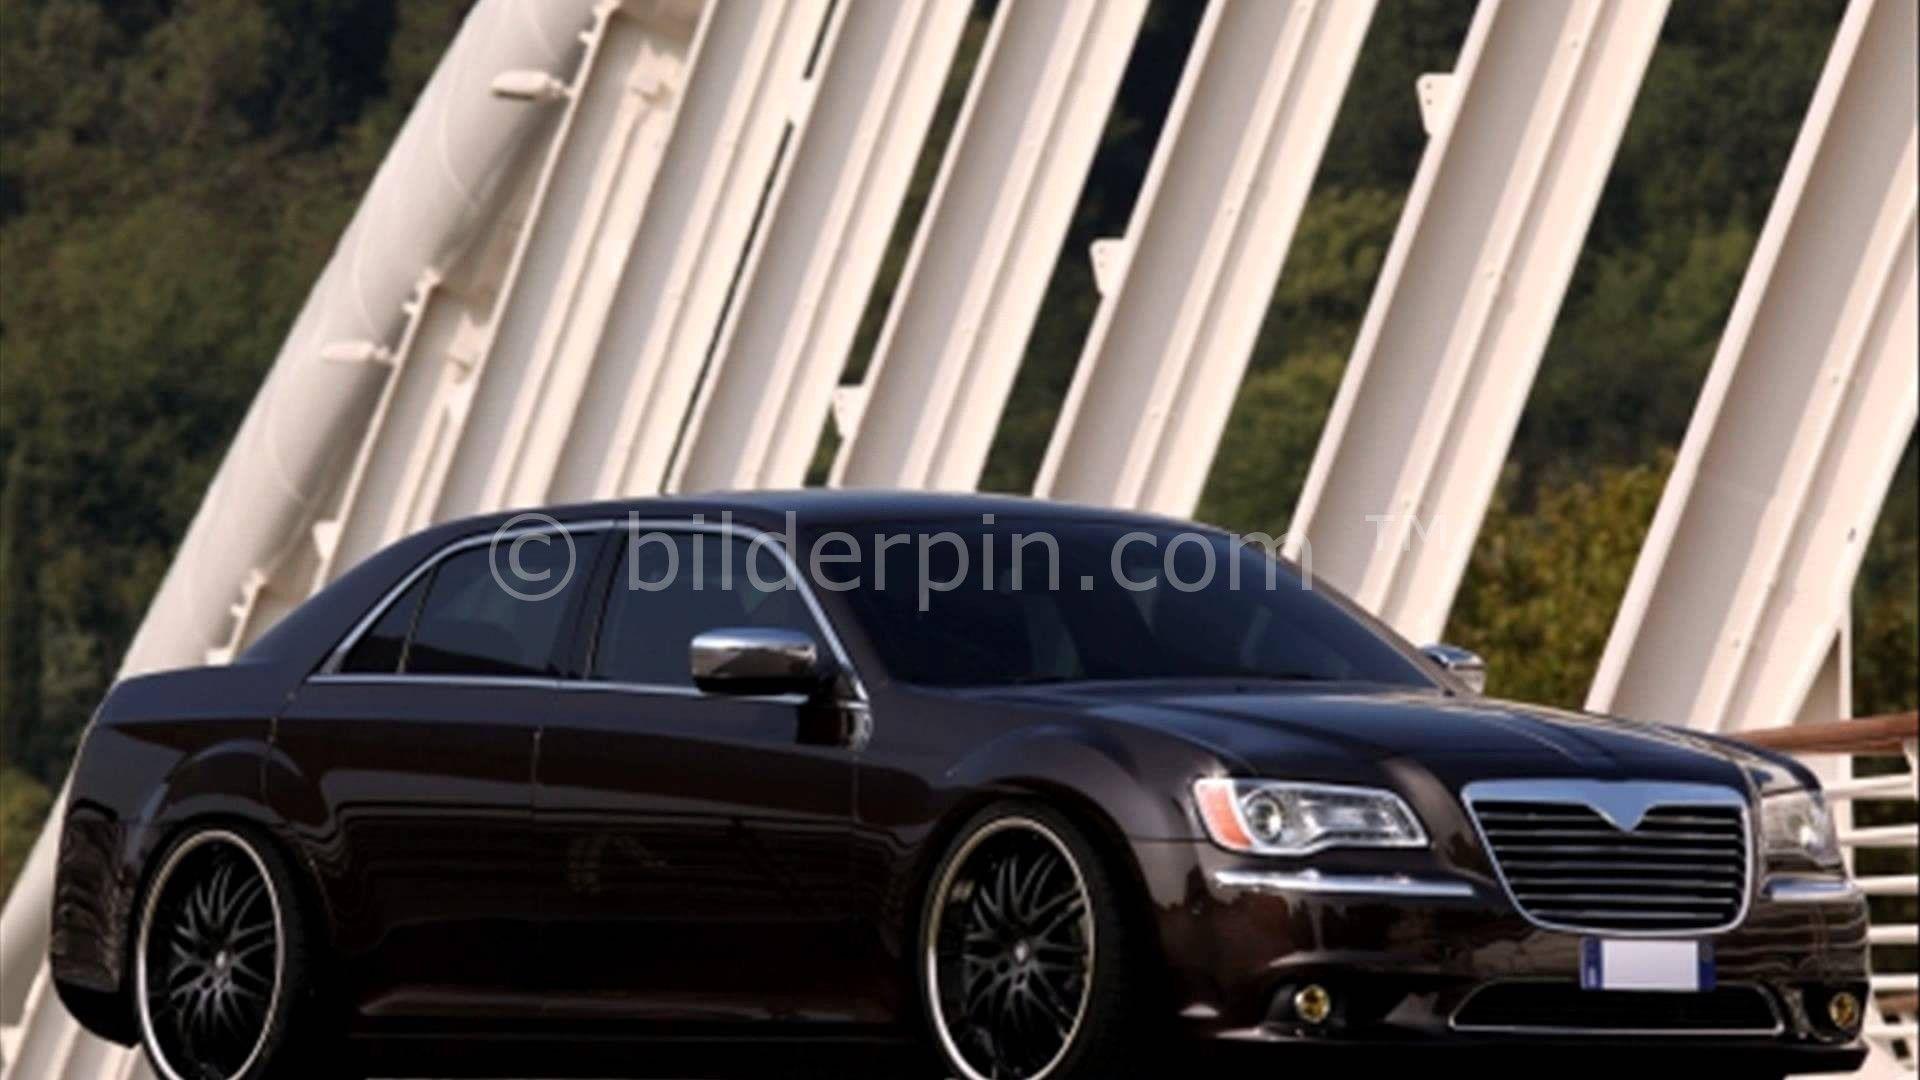 Lancia Thema Tuning - https://bilderpin.com/12973/lancia-thema-tuning/ -Bilder Pin